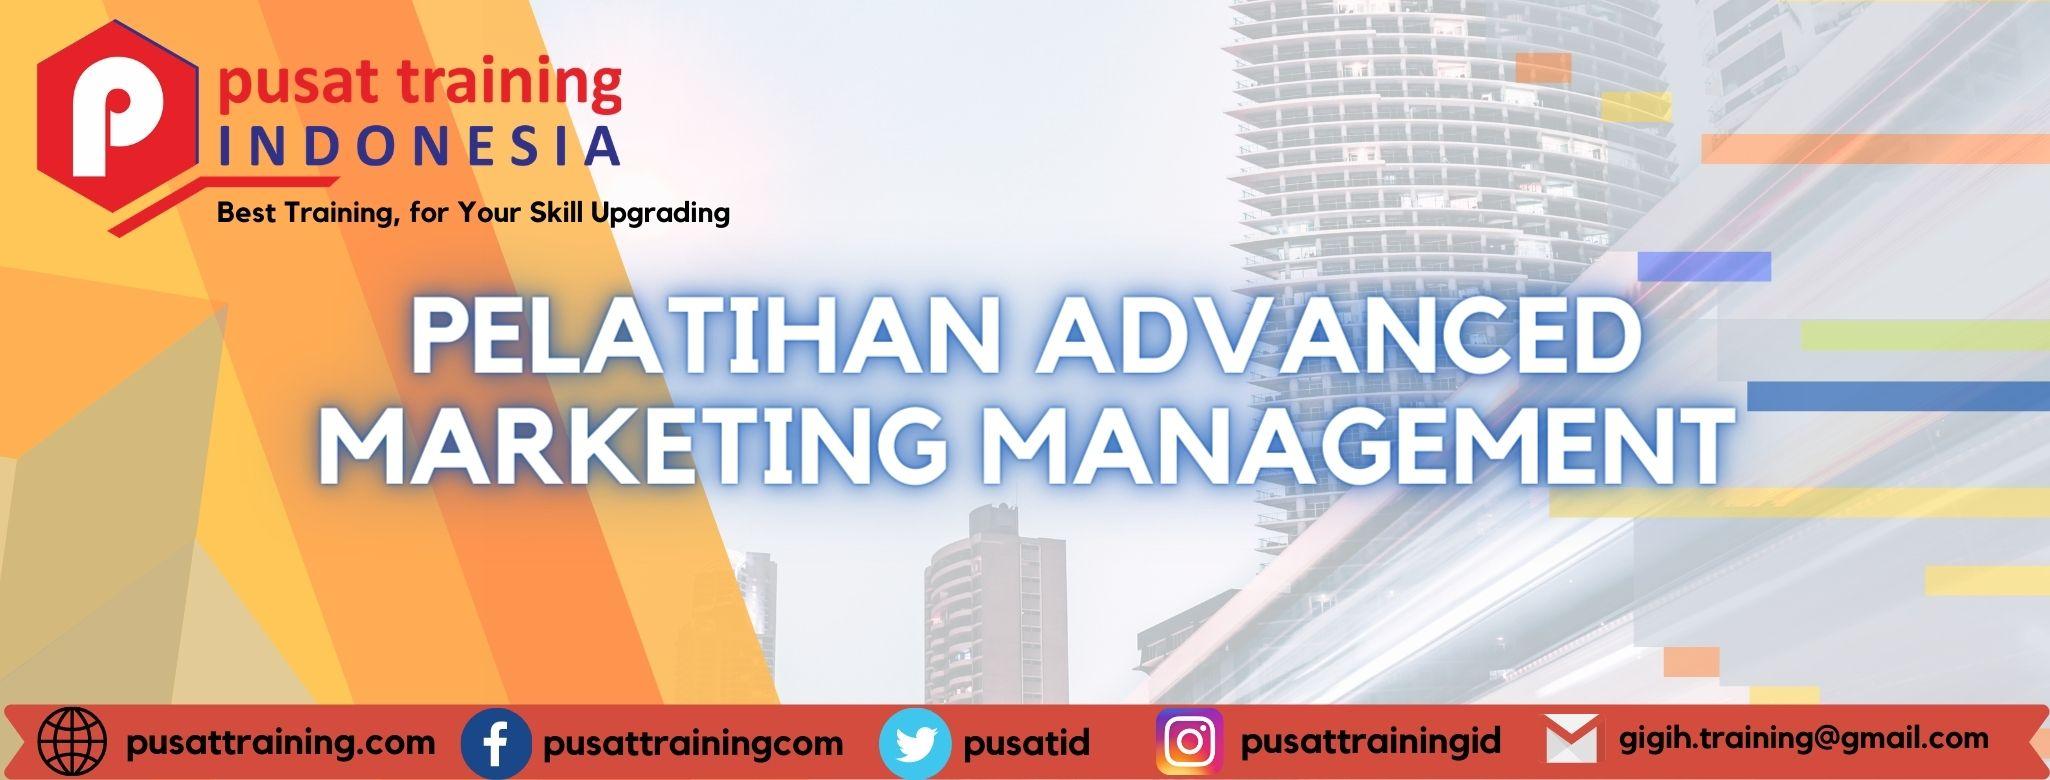 pelatihan-advance-marketing-management